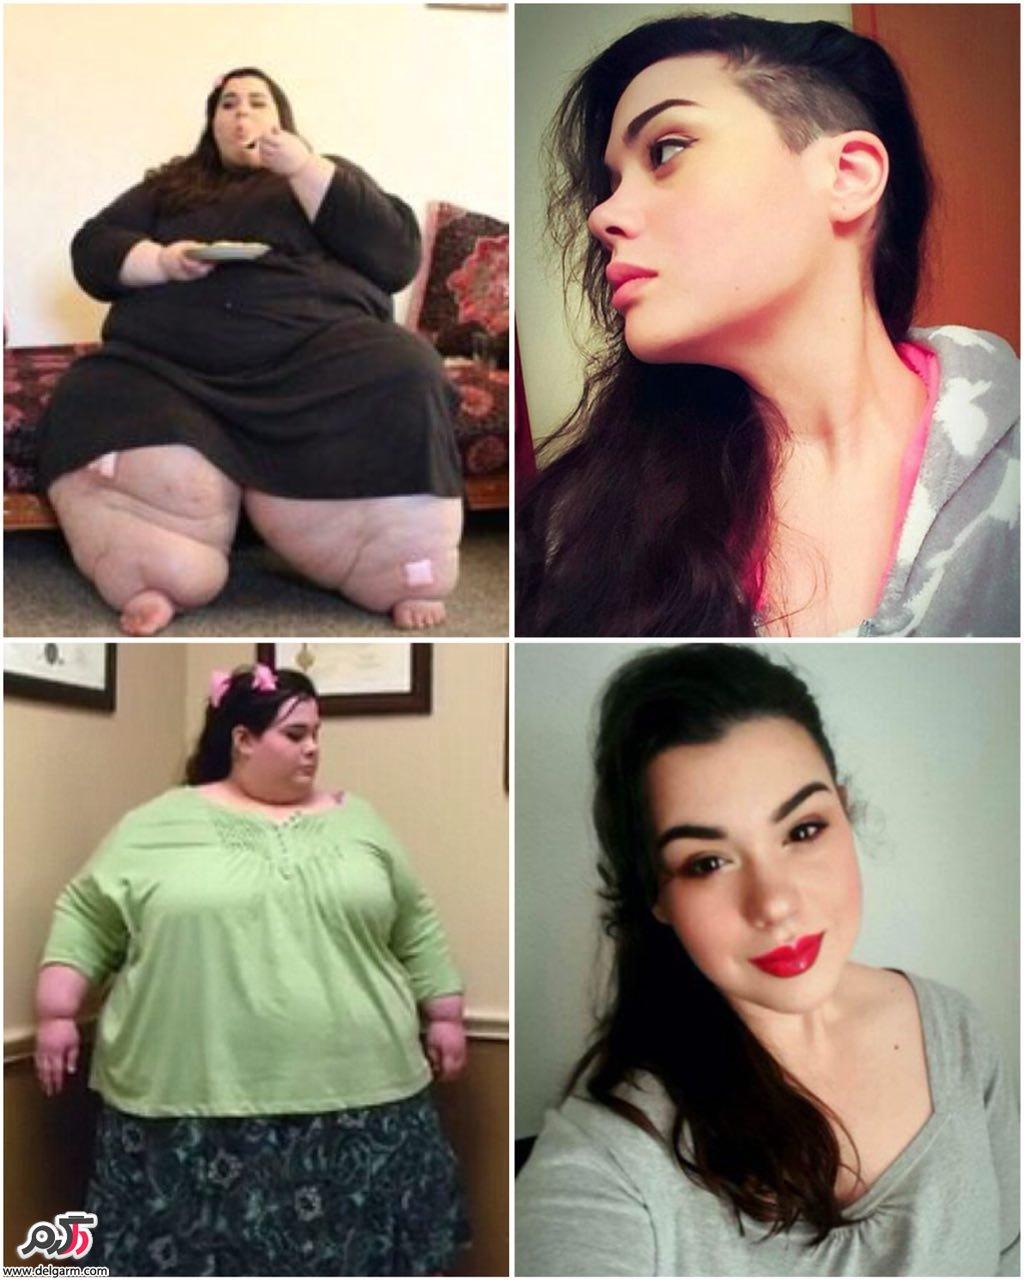 امبر رچدی با 300 کیلو وزن در عرض 3 سال بیش از 180 کیلو وزن کم کرد